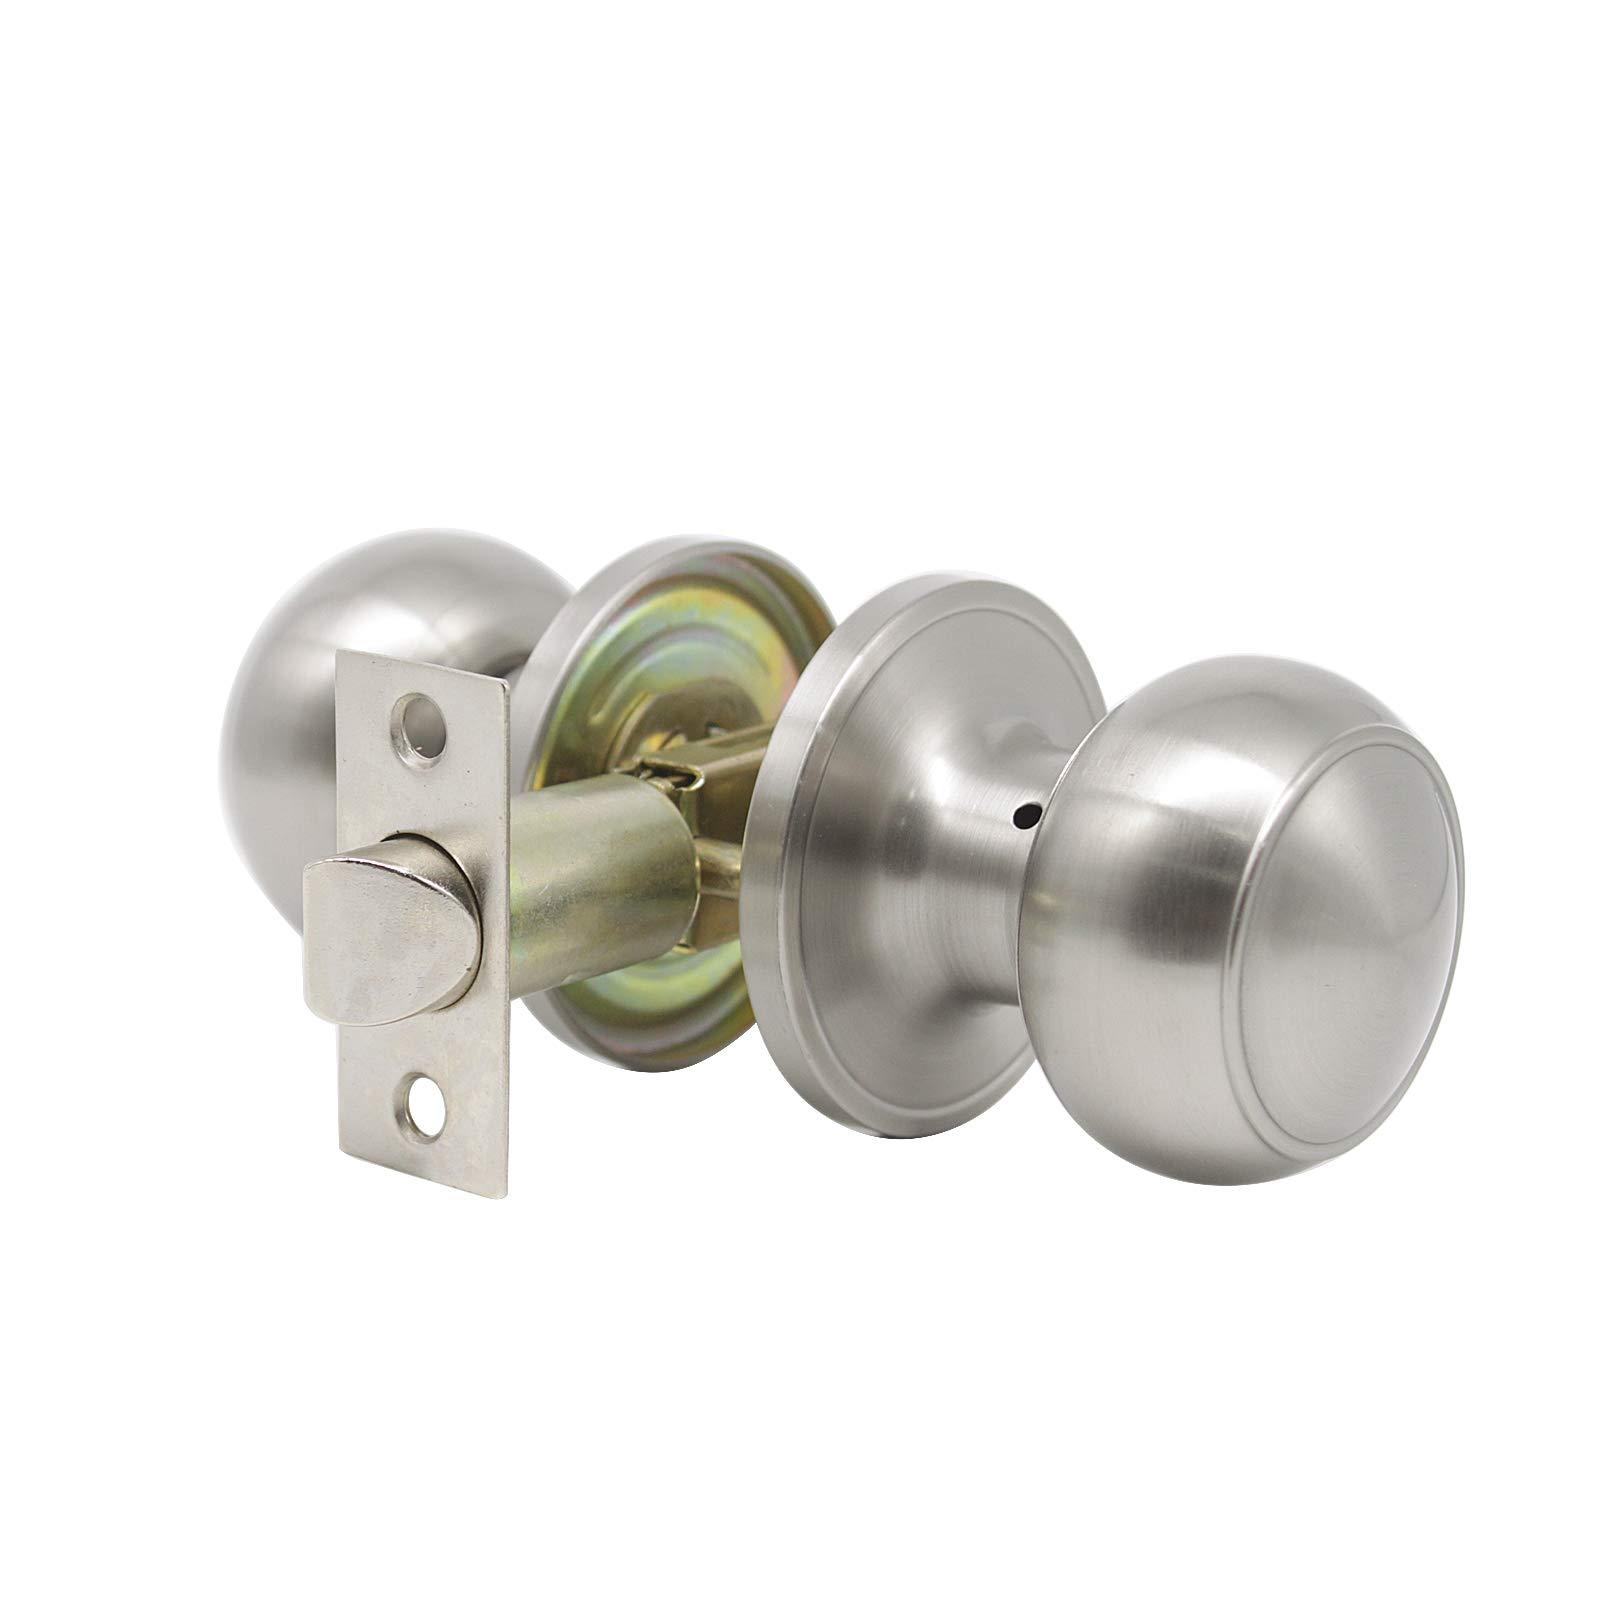 8 Pack Probrico Interior Passage Keyless Door Knobs Door Lock Handle Handleset Lockset Without Key Doorknobs Satin Nickel for Hall/Closet-Door Knob 609 by Probrico (Image #2)